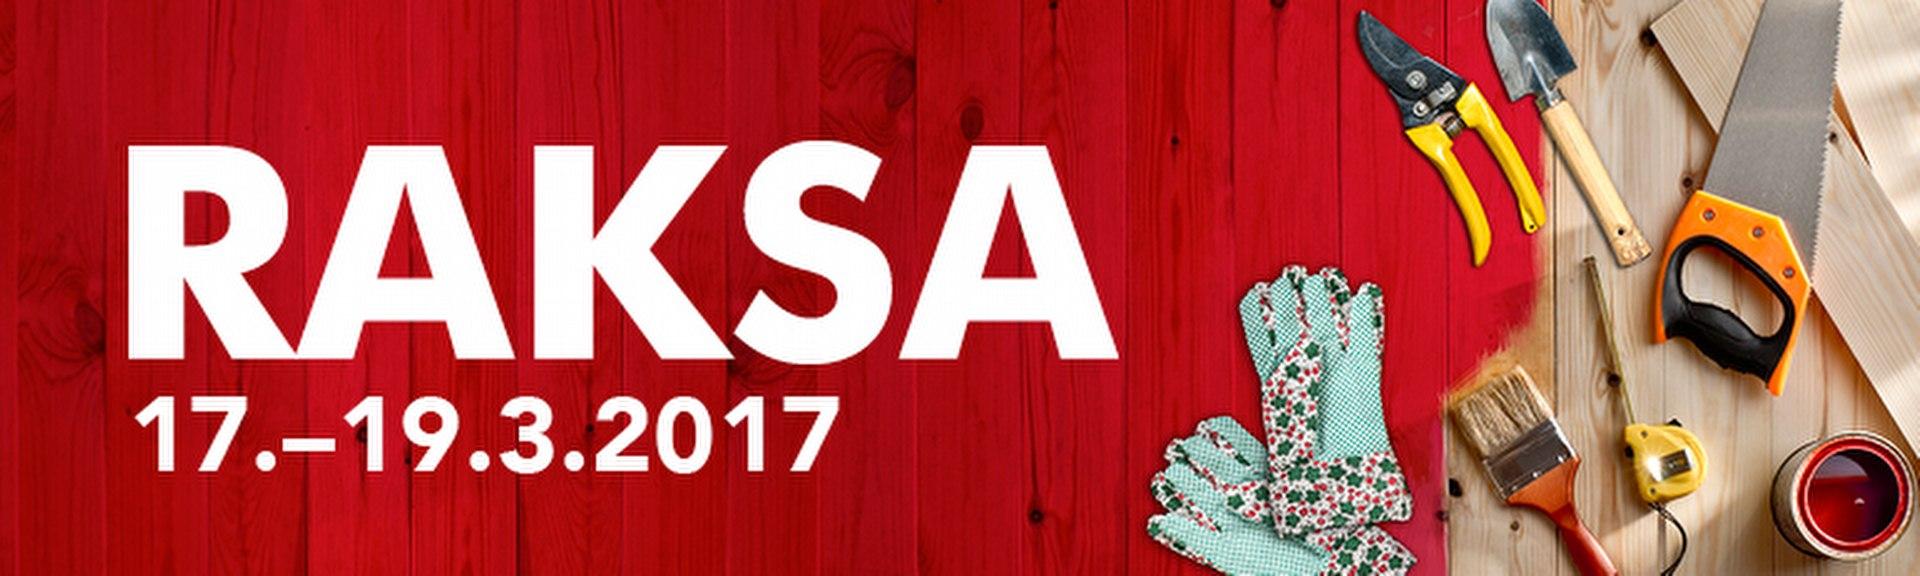 RAKSA 2017<br/> Lahden Messukeskuksessa <br/>17.-19.3.2017